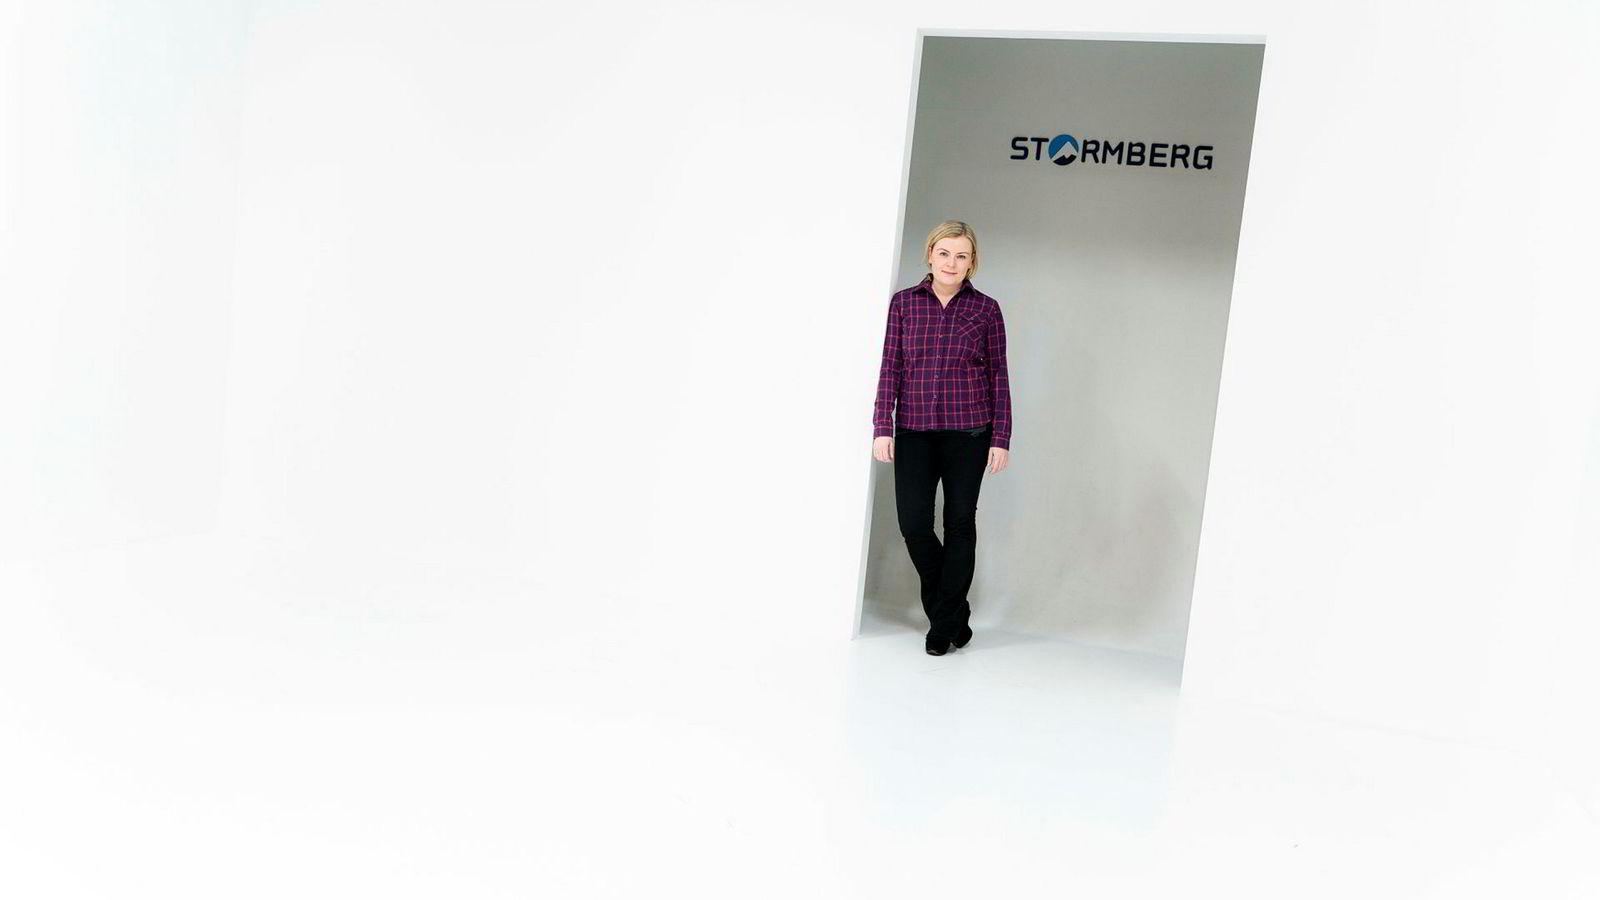 2018 ble et kjølig år for Stormberg, det kjøligste på ti år. Samtidig har daglig leder i Stormberg, Hege Nilsen Ekberg, måttet stå i stormen etter ulvedebatten i vinter.